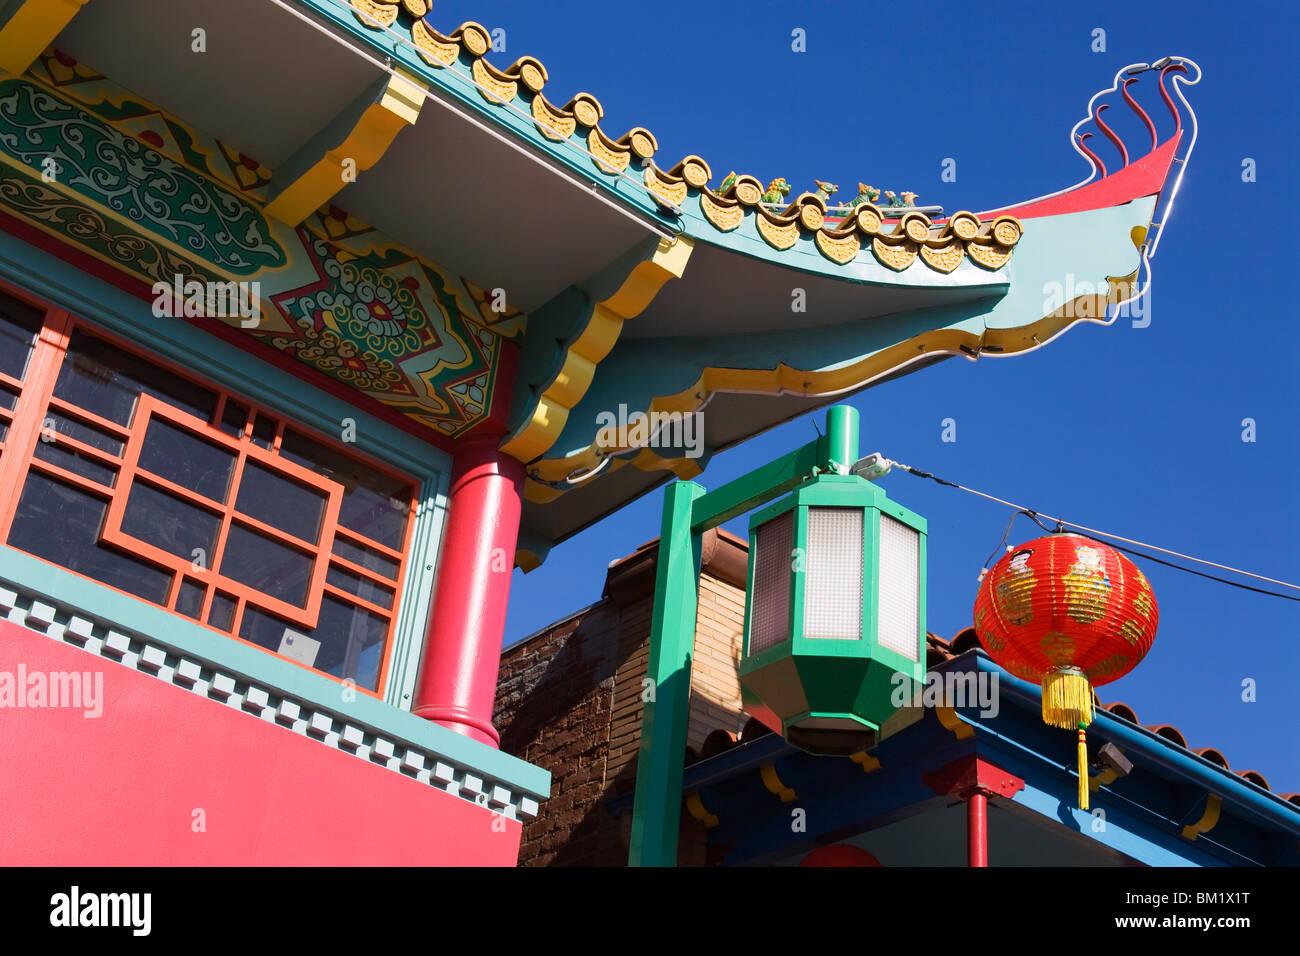 L'architecture chinoise, Chinatown, Los Angeles, Californie, États-Unis d'Amérique, Amérique du Nord Banque D'Images